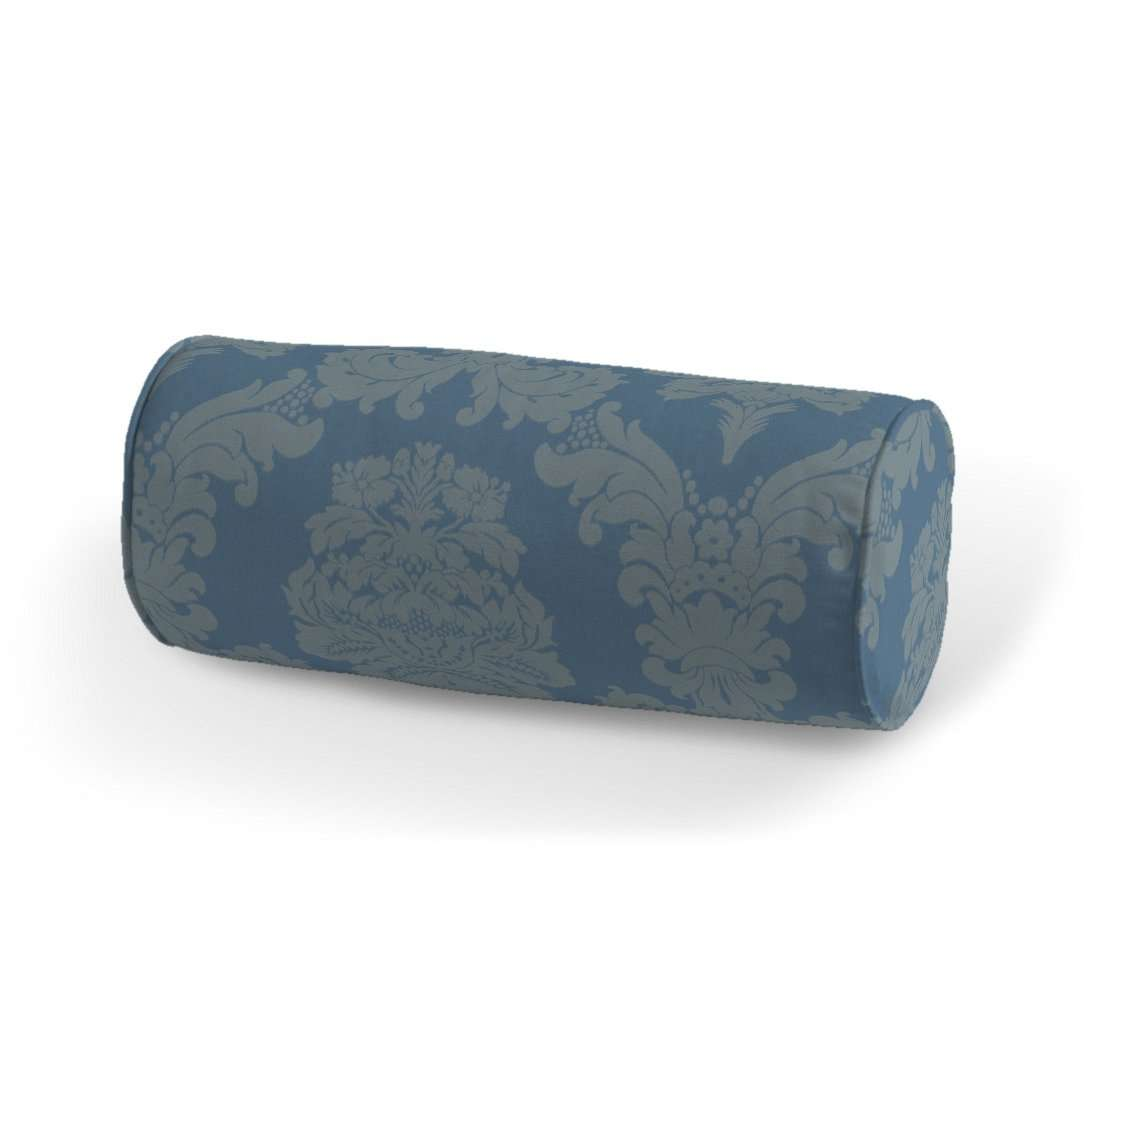 Ritinio formos  pagalvėlės užvalkalas Ø 16 x 40 cm (6 x 16 inch) kolekcijoje Damasco, audinys: 613-67